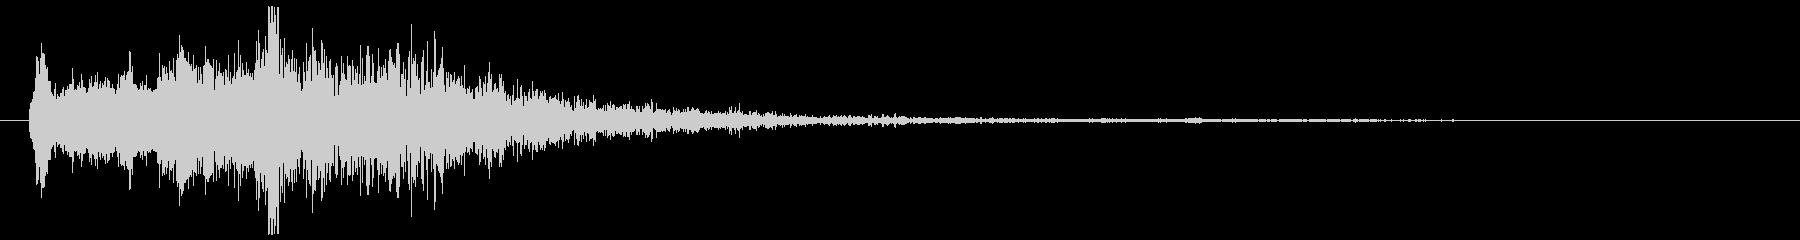 幻想的なシンセコードトーンです。の未再生の波形